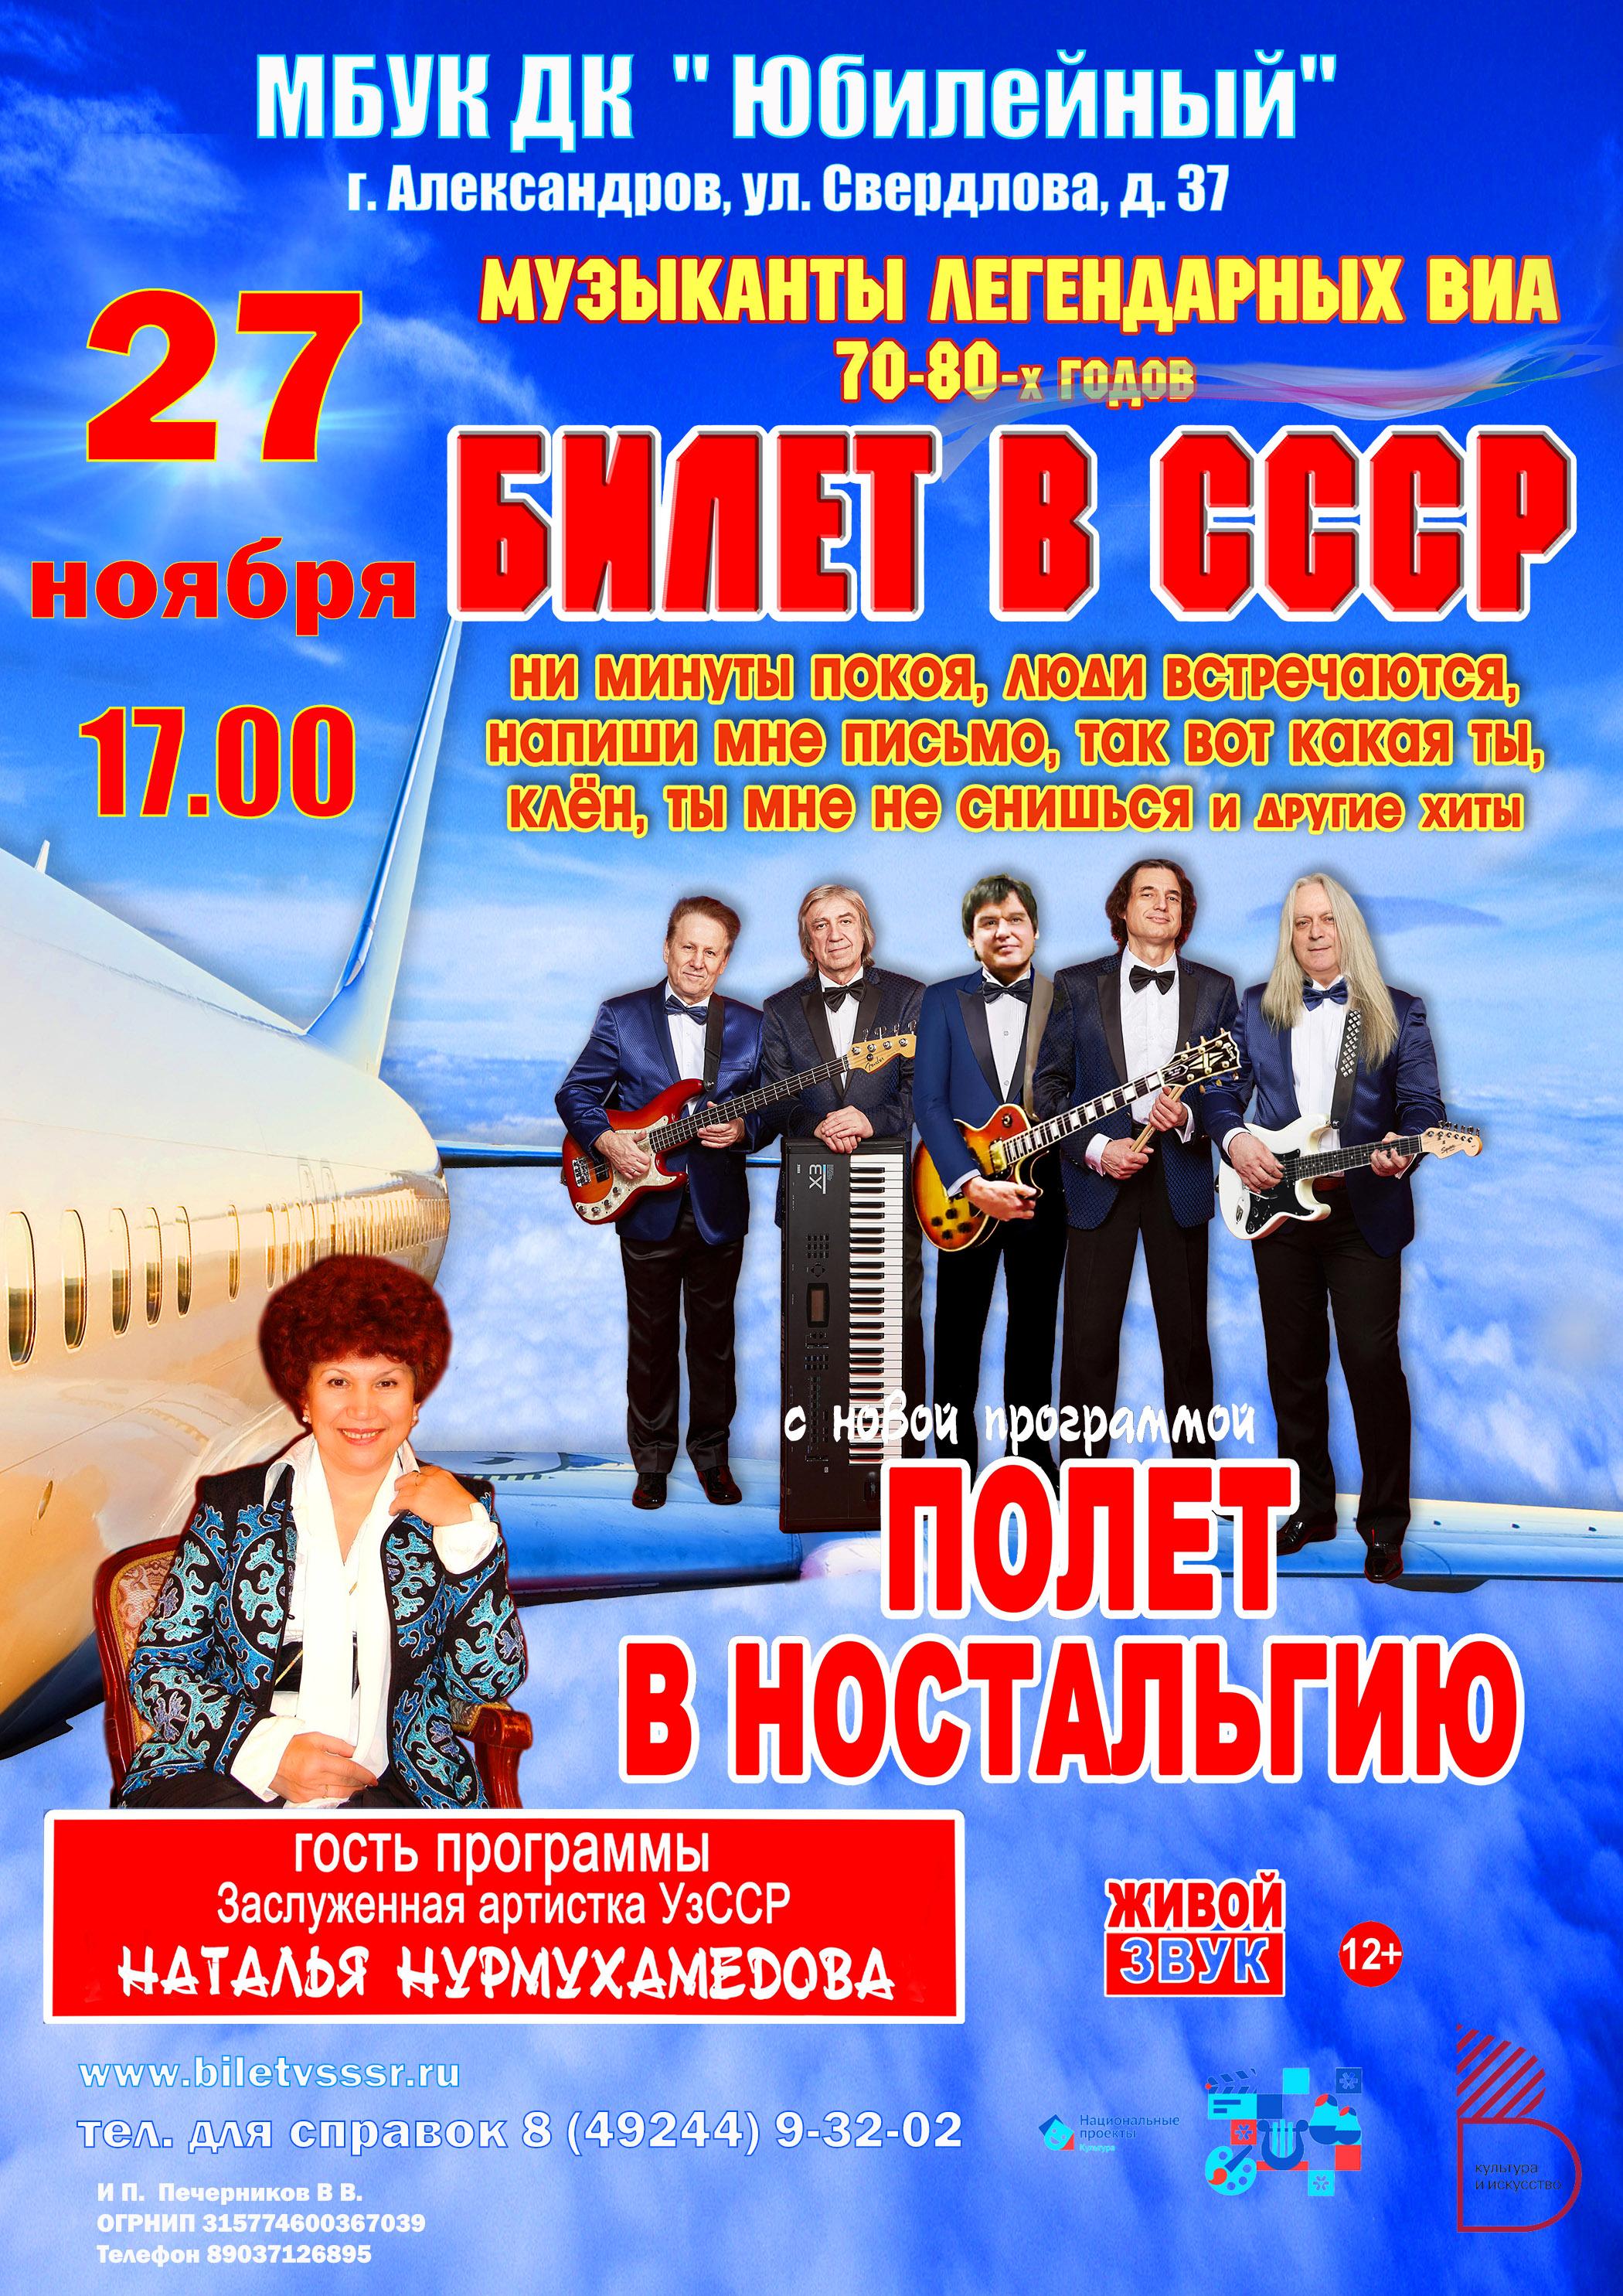 """ВИА """"Билет в СССР"""" Александров"""